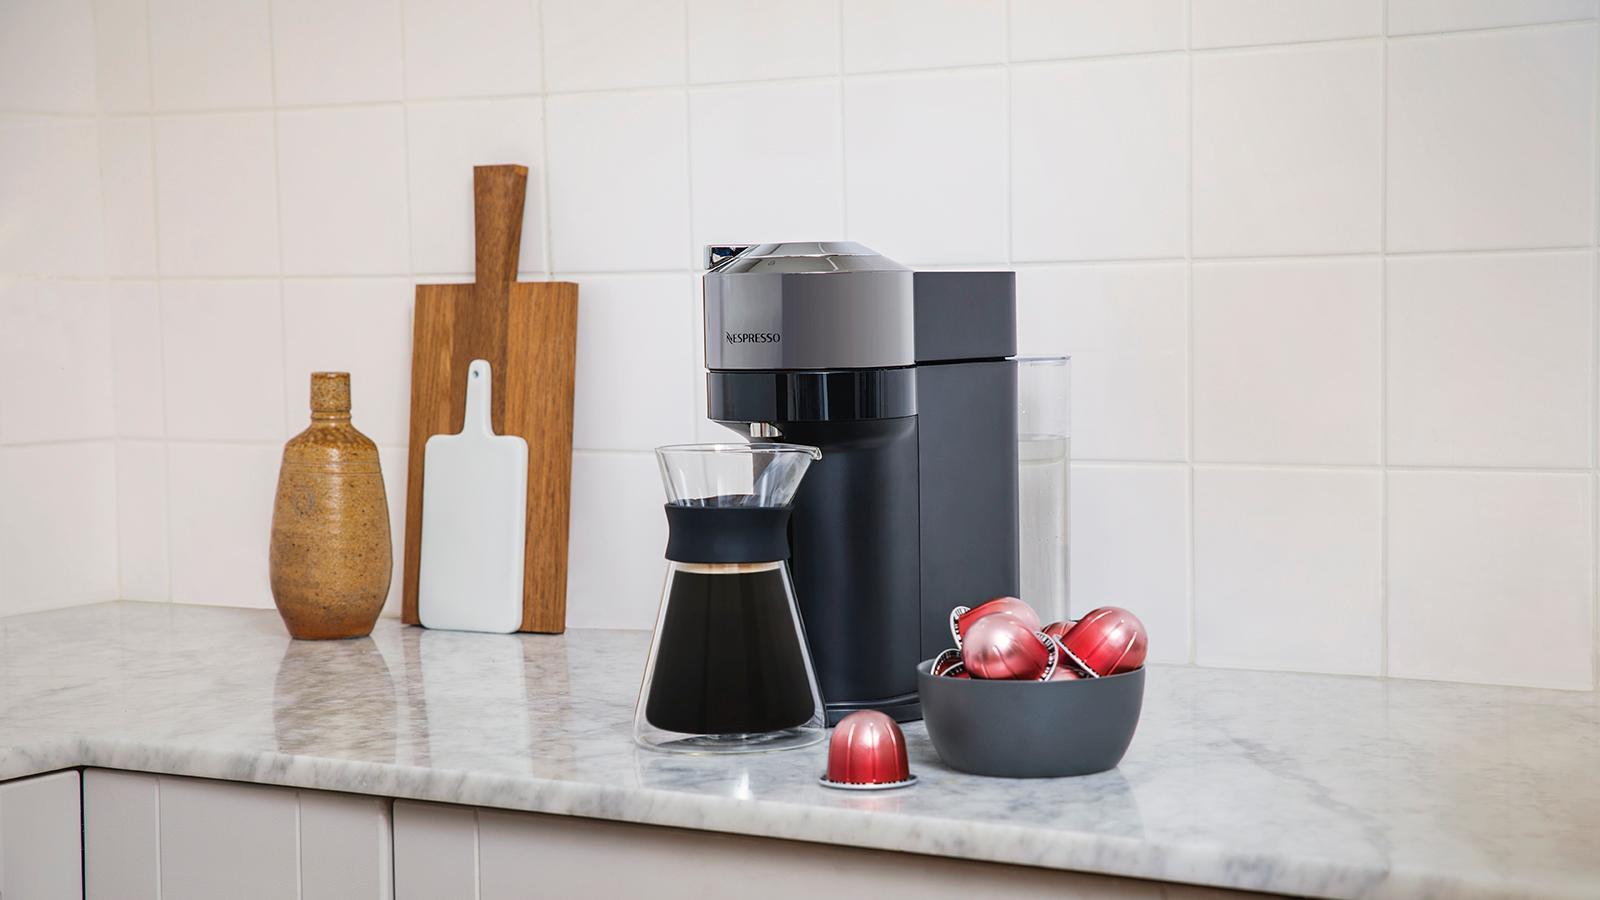 Nespressos nye maskin lar deg endelig brygge mer enn én kopp kaffe